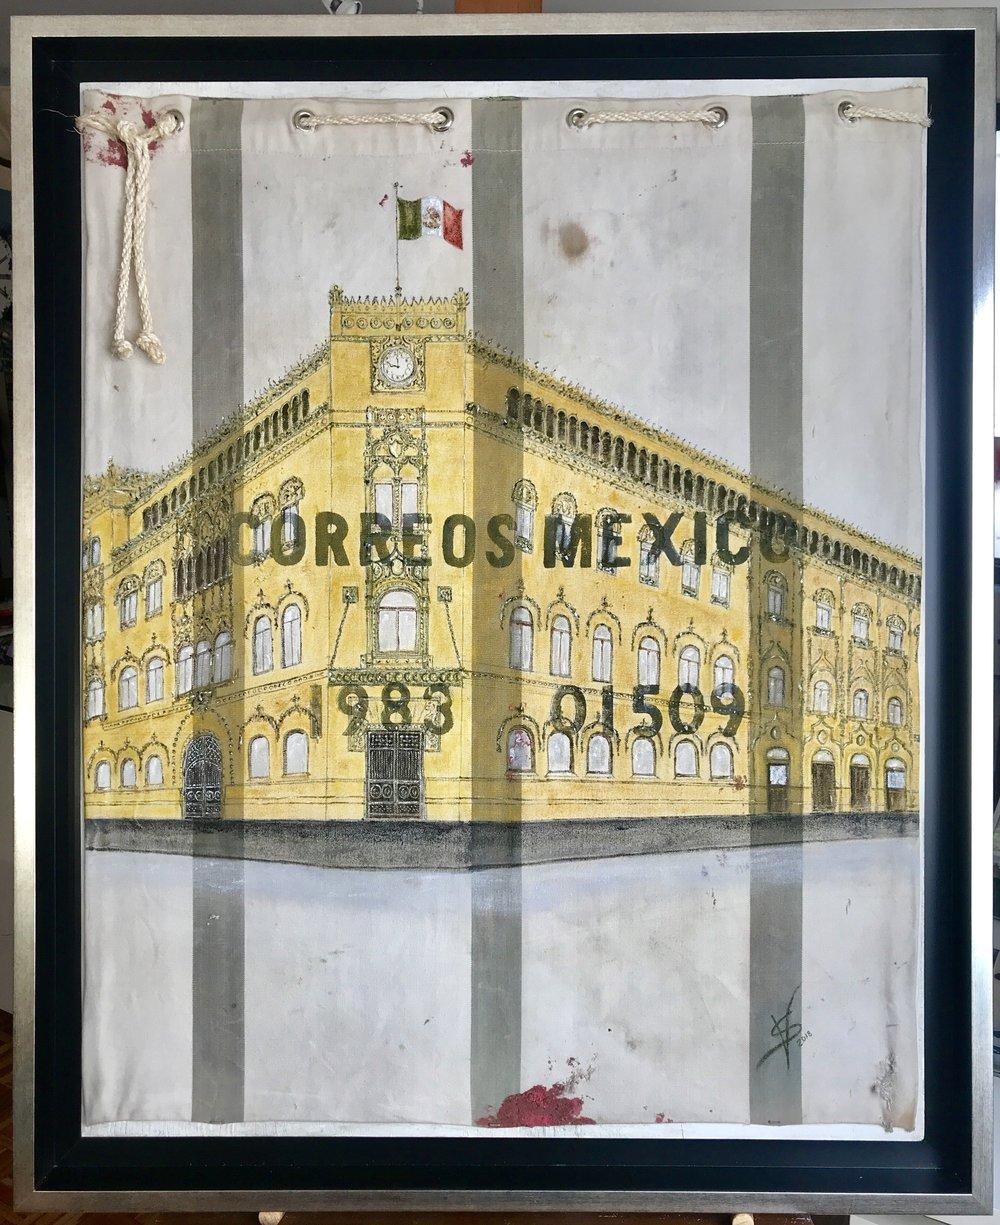 El Palacio Postal,  2018  Técnica mixta: óleo sobre costal de lona de algodón con marcas de uso por Correos de México, usado como lienzo sobre triplay de madera.  100 x 80 cm